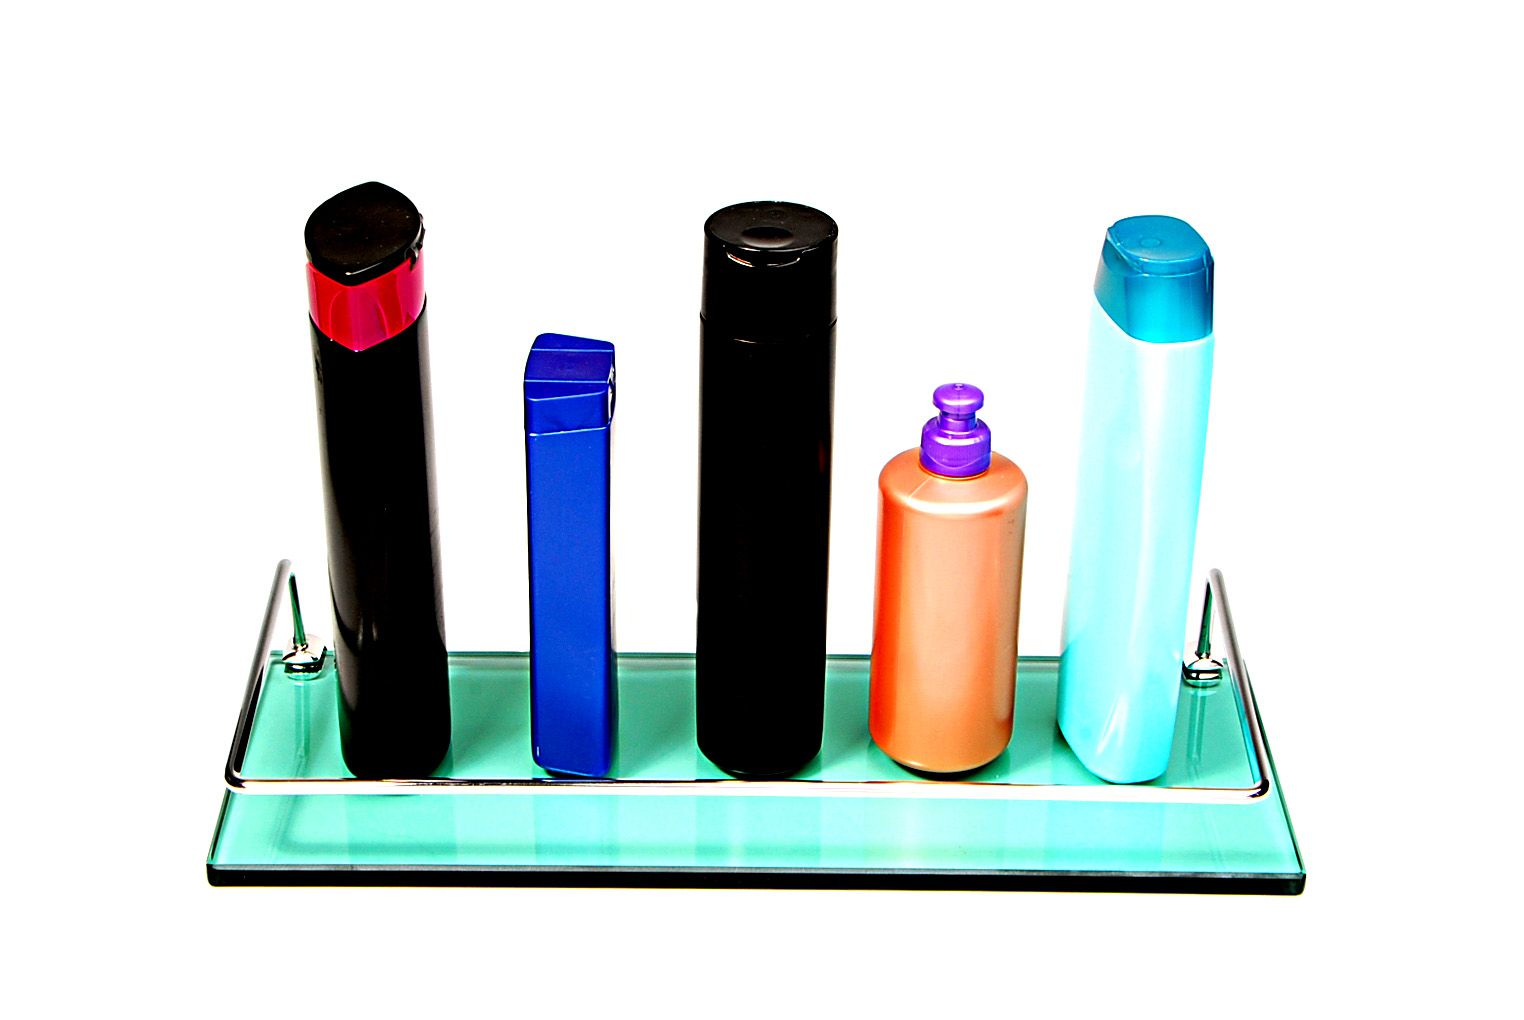 Porta Shampoo Reto em Vidro Verde Lapidado - Aquabox  - 40cmx14cmx10mm